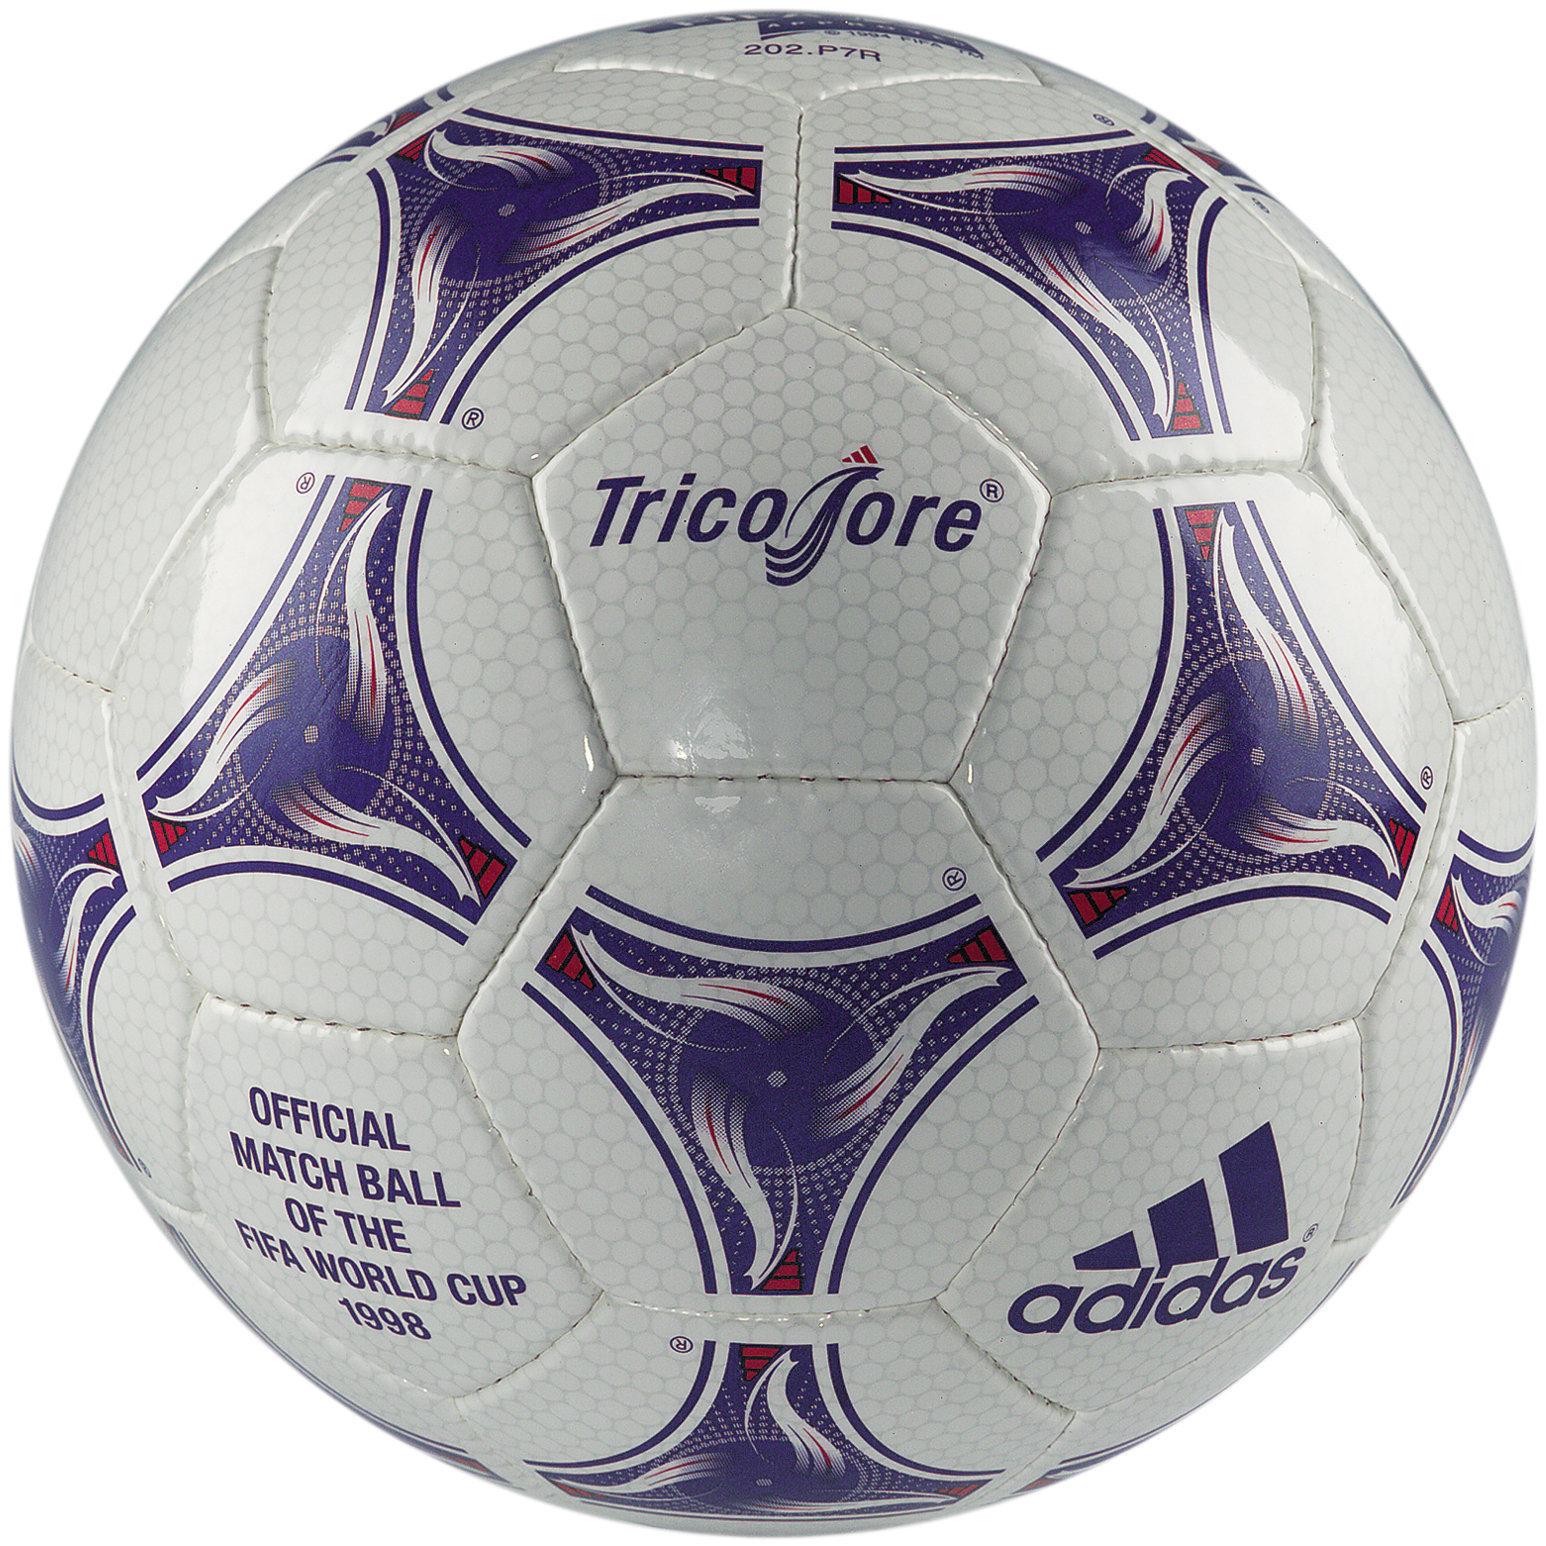 Tricolore, a bola utilizada na Copa do Mundo da França, em 1998.